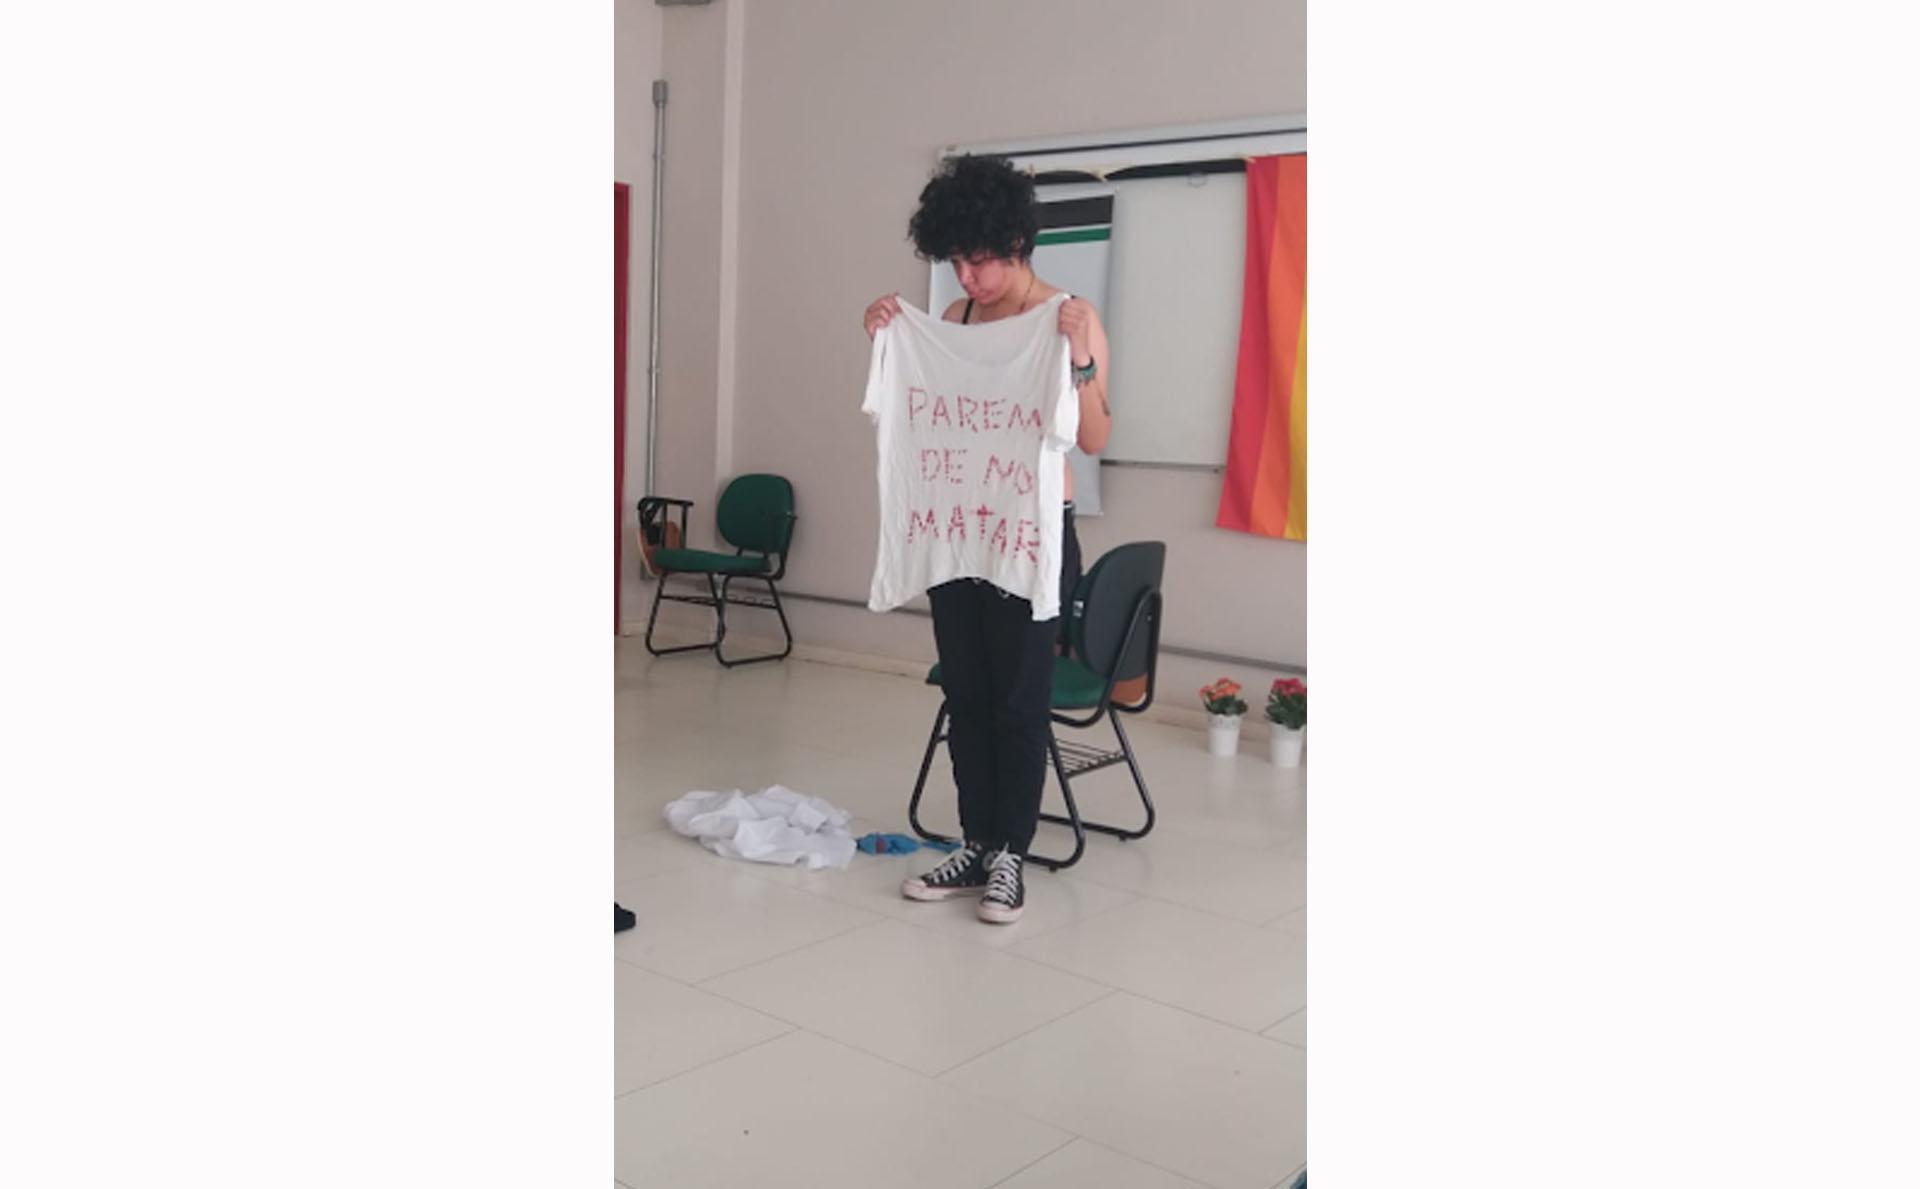 Pessoa segura camiseta branca escrito em vermelho a frase parem de nos matar